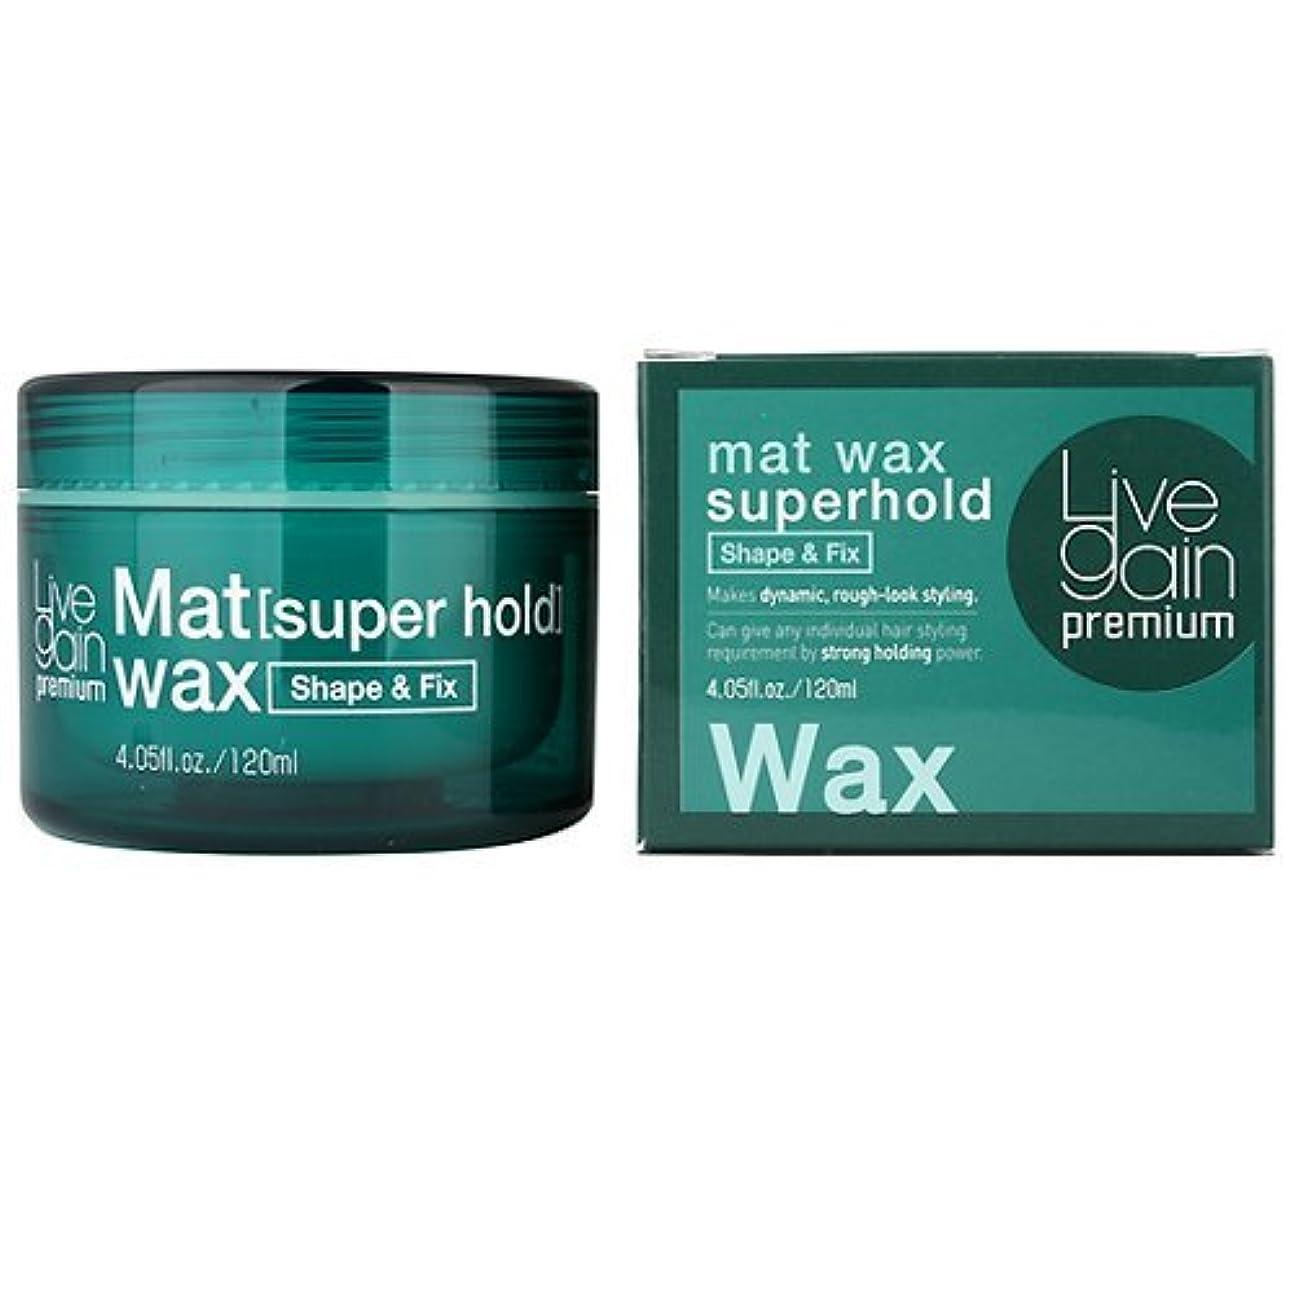 祭司患者符号Livegain プレミアム マット ワックス スーパーホールド 120ml マット ヘア ワックス ストロング ホールド (Premium Mat Wax Superhold 120ml Matte Hair wax...